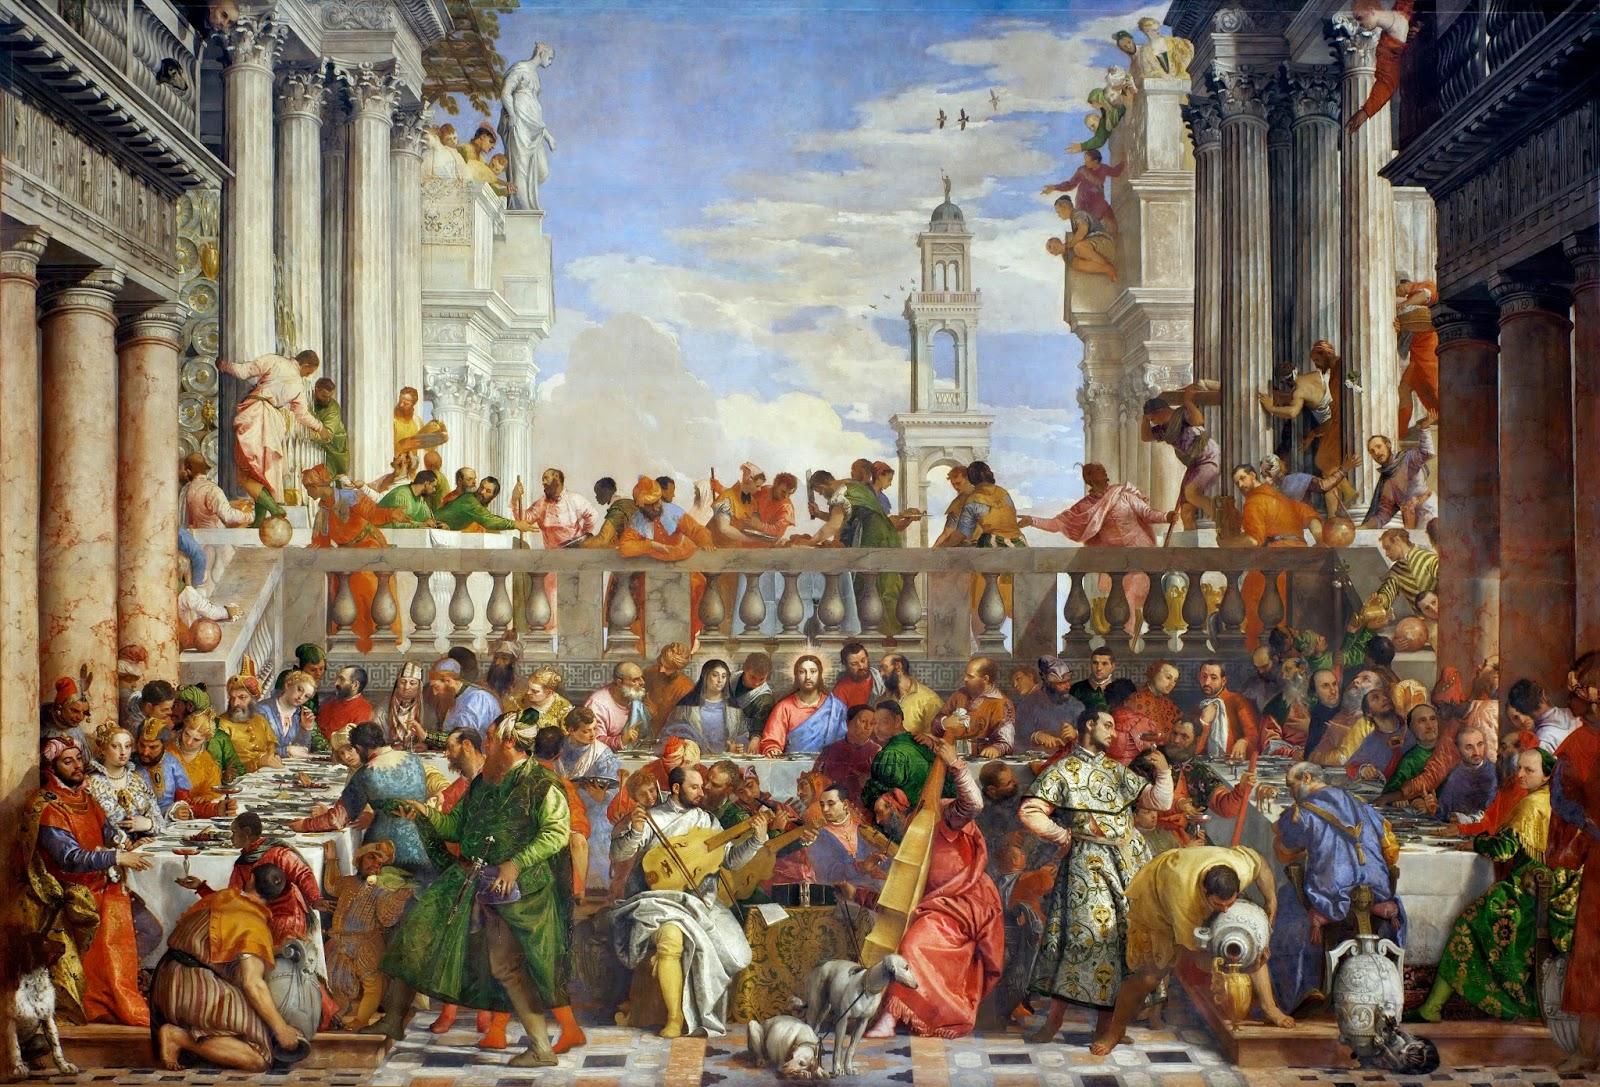 nunta-din-cana-paolo-veronese-1563